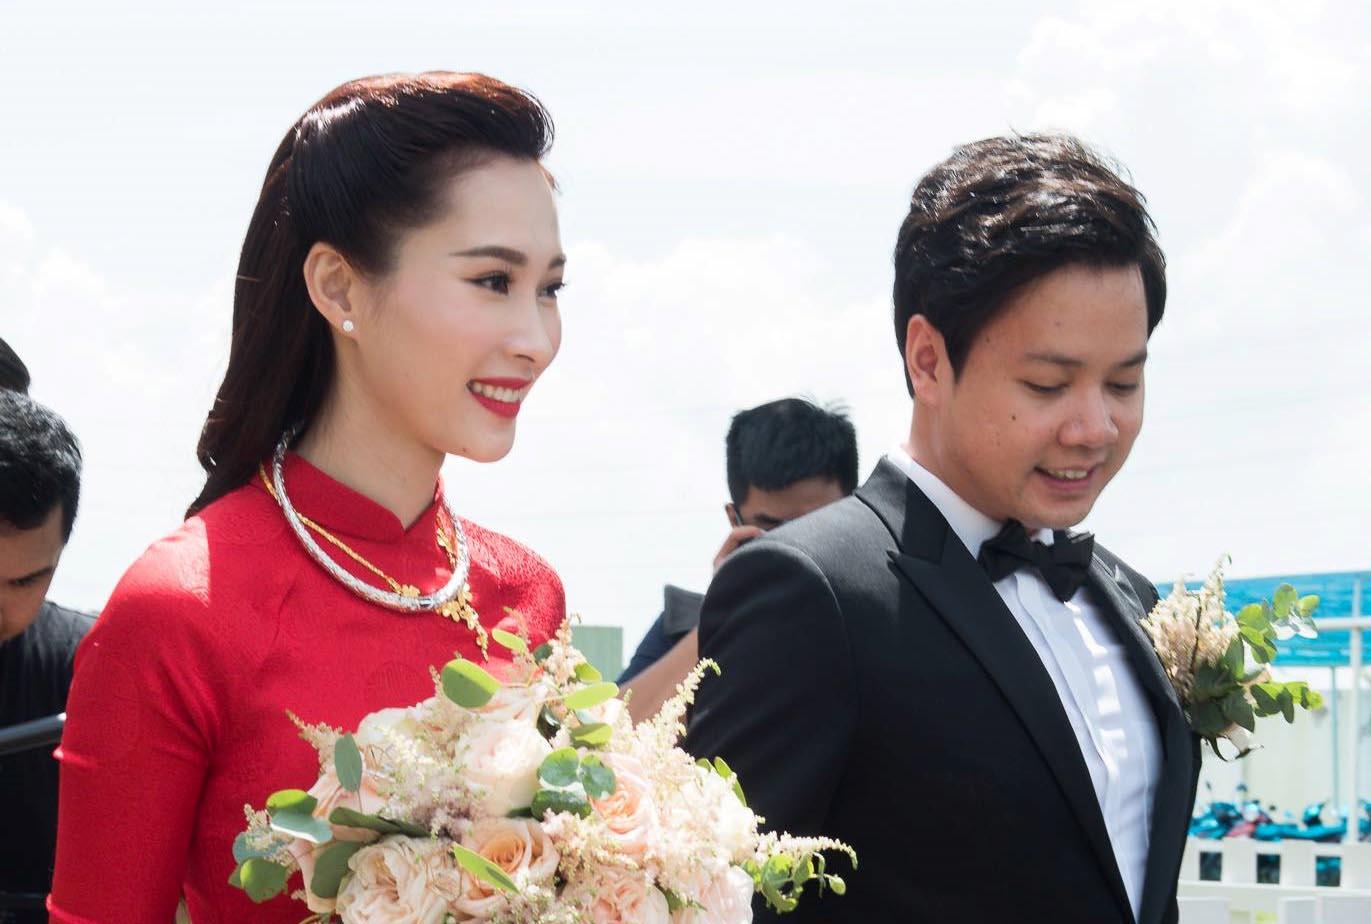 Hoa hậu Đặng Thu Thảo rạng ngời bên chồng đại gia trong lễ rước dâu